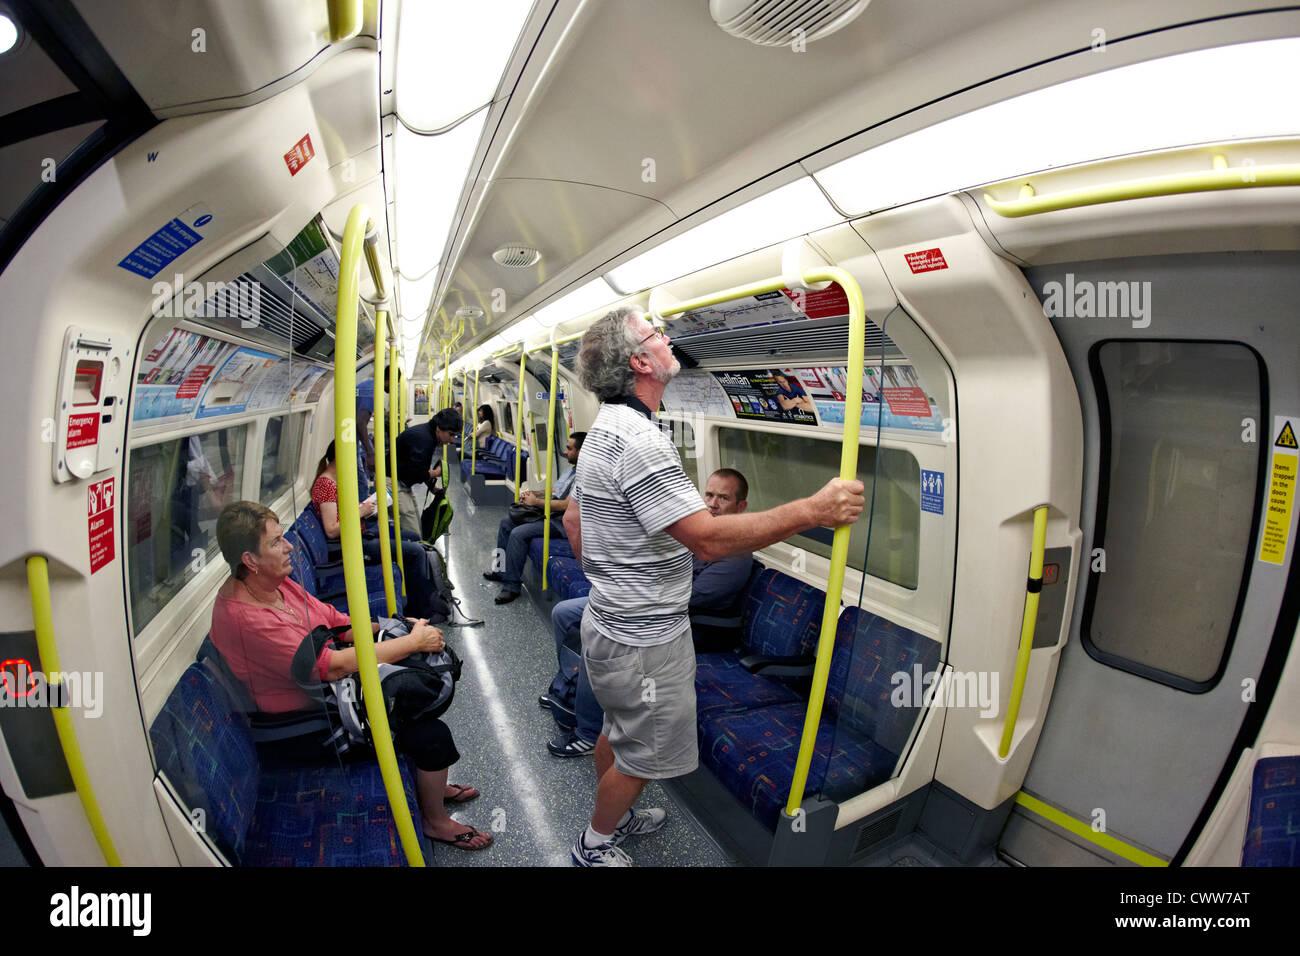 People on Tube Waterloo Underground Station London 2012 UK - Stock Image